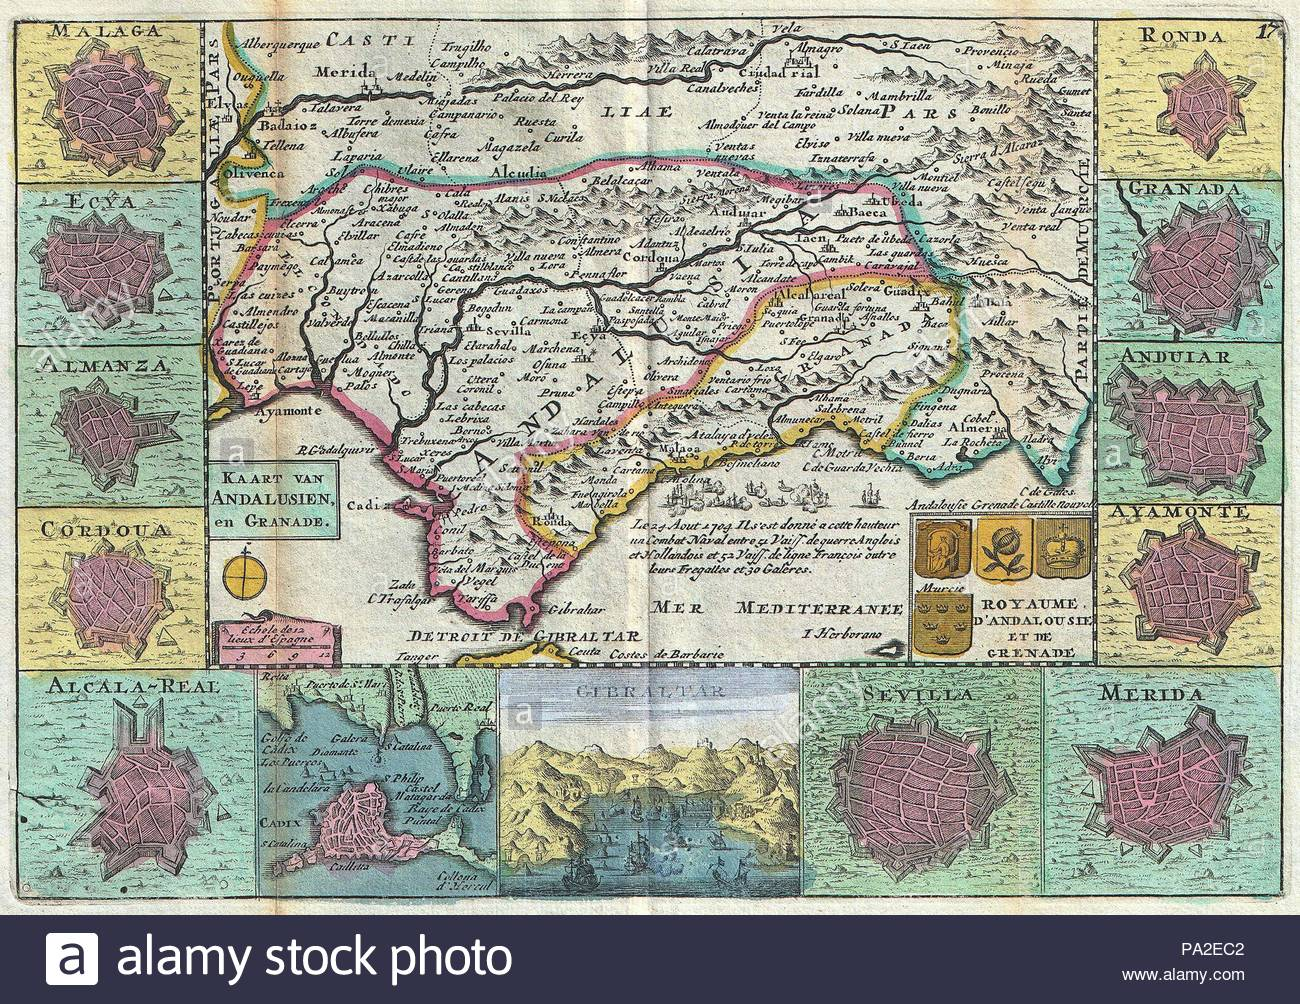 Carte Geographique Andalousie.1747 La Feuille De Carte Andalousie Espagne Sevilla Banque D